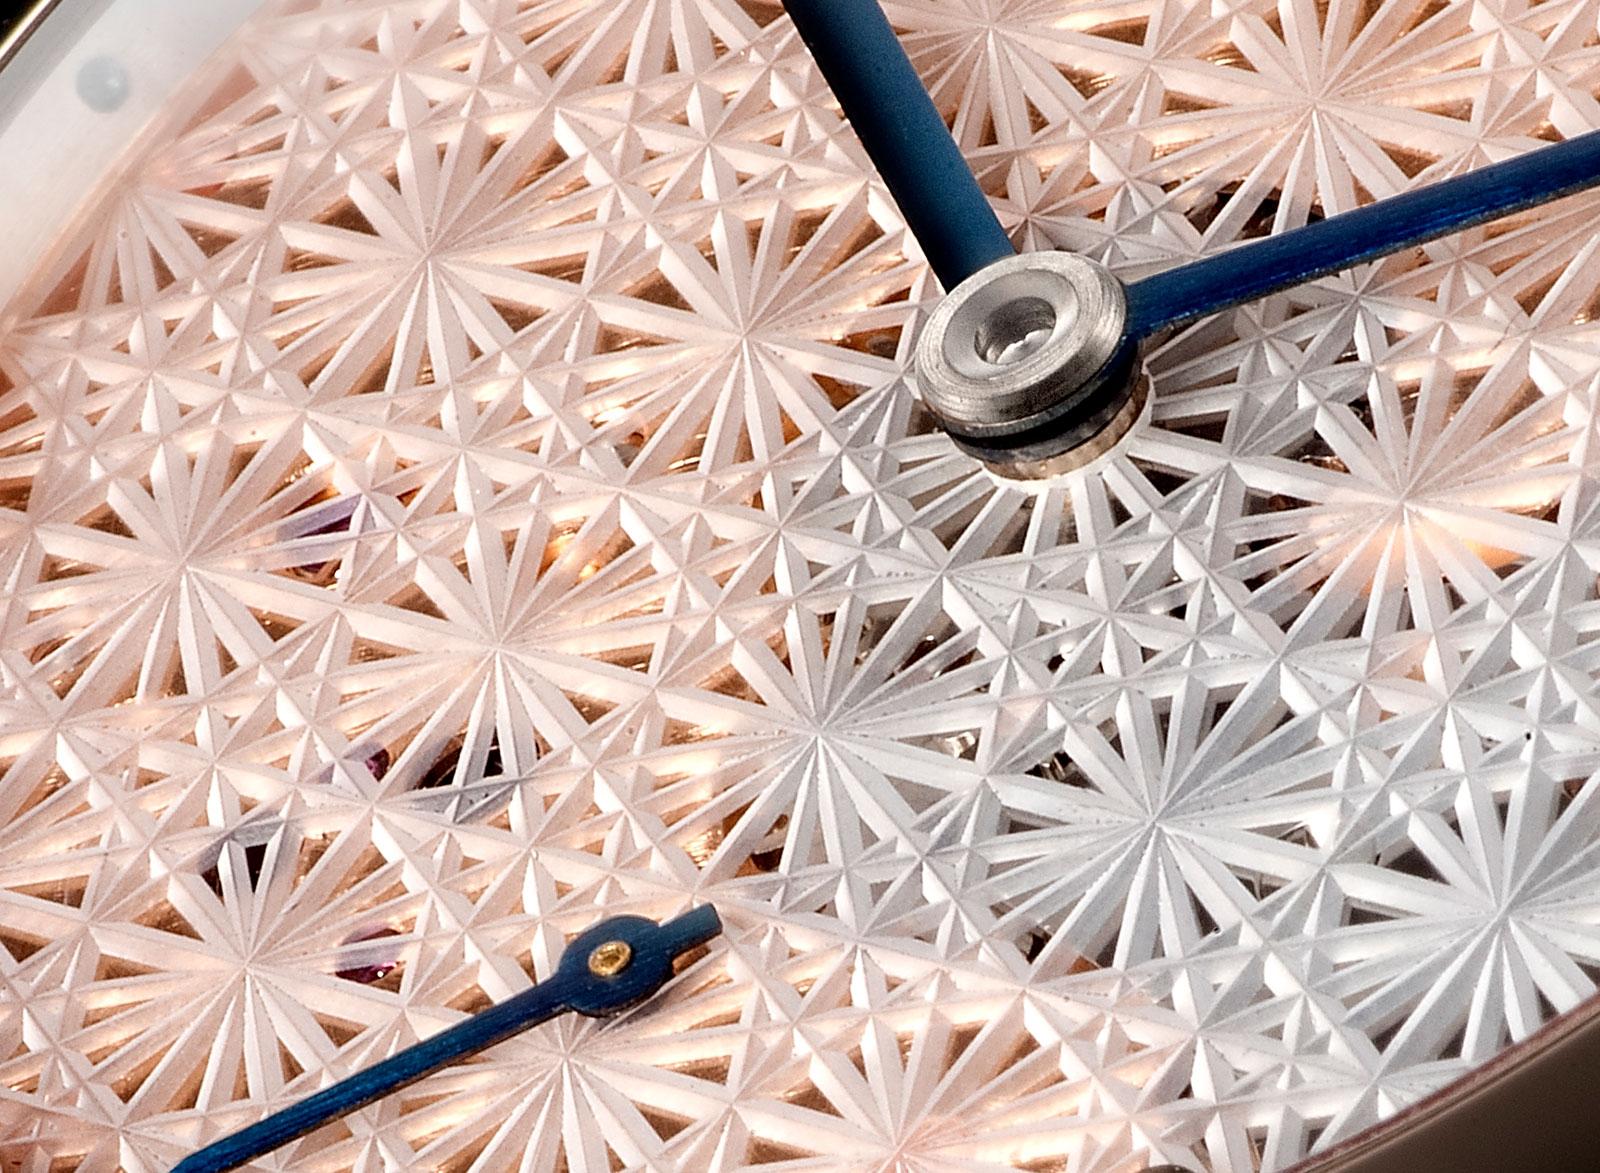 Daizoh Makihara sakura glass watch 6